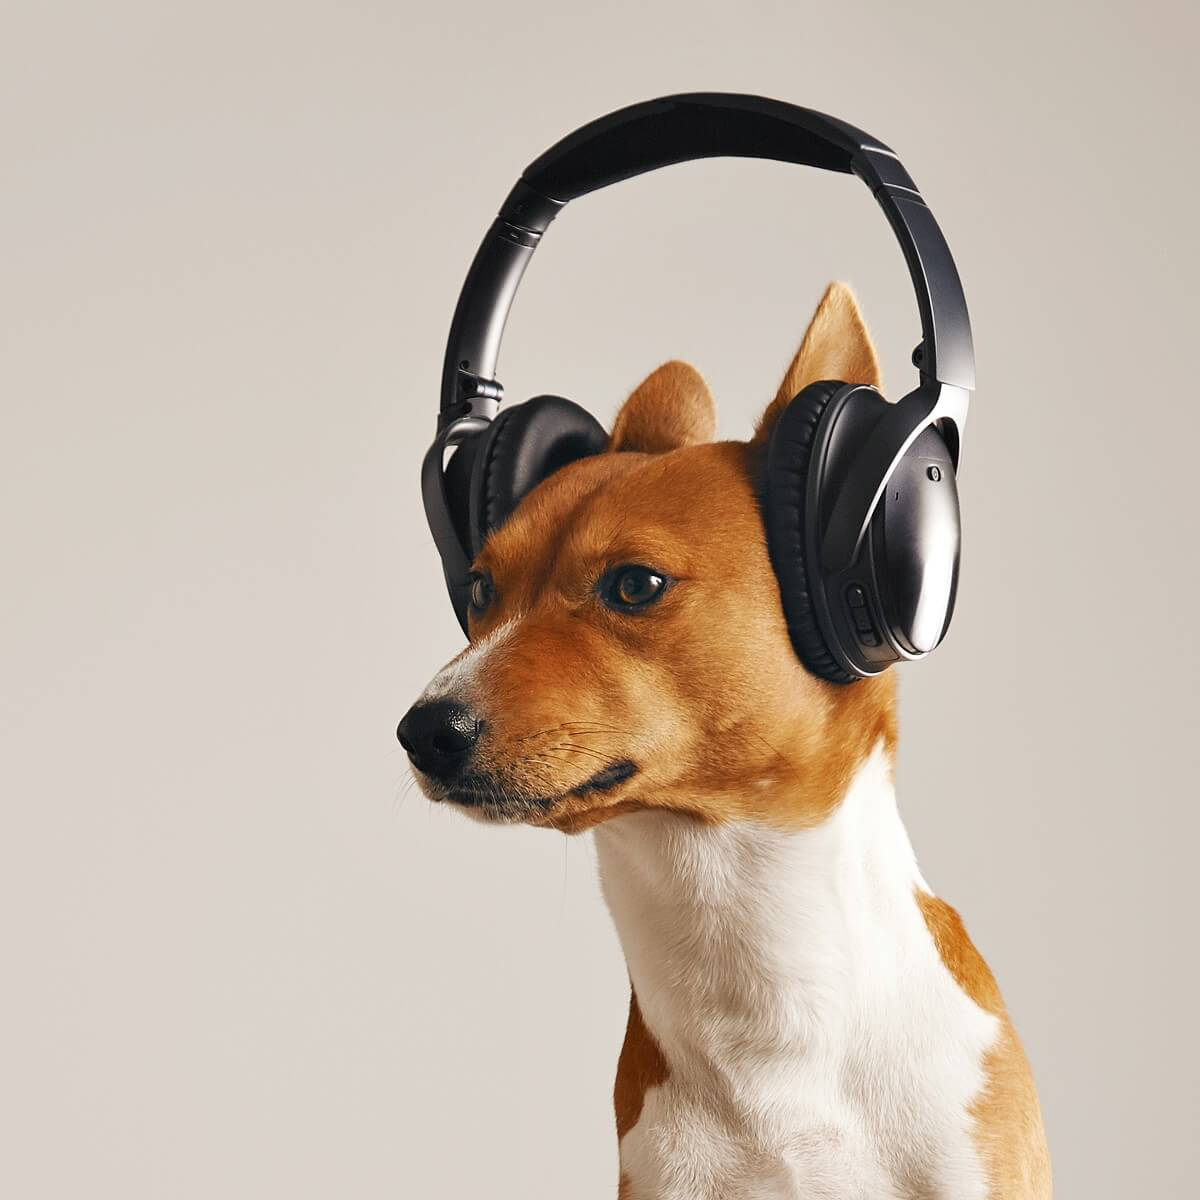 Audiostockが売れない!狙い目のジャンル公表あり